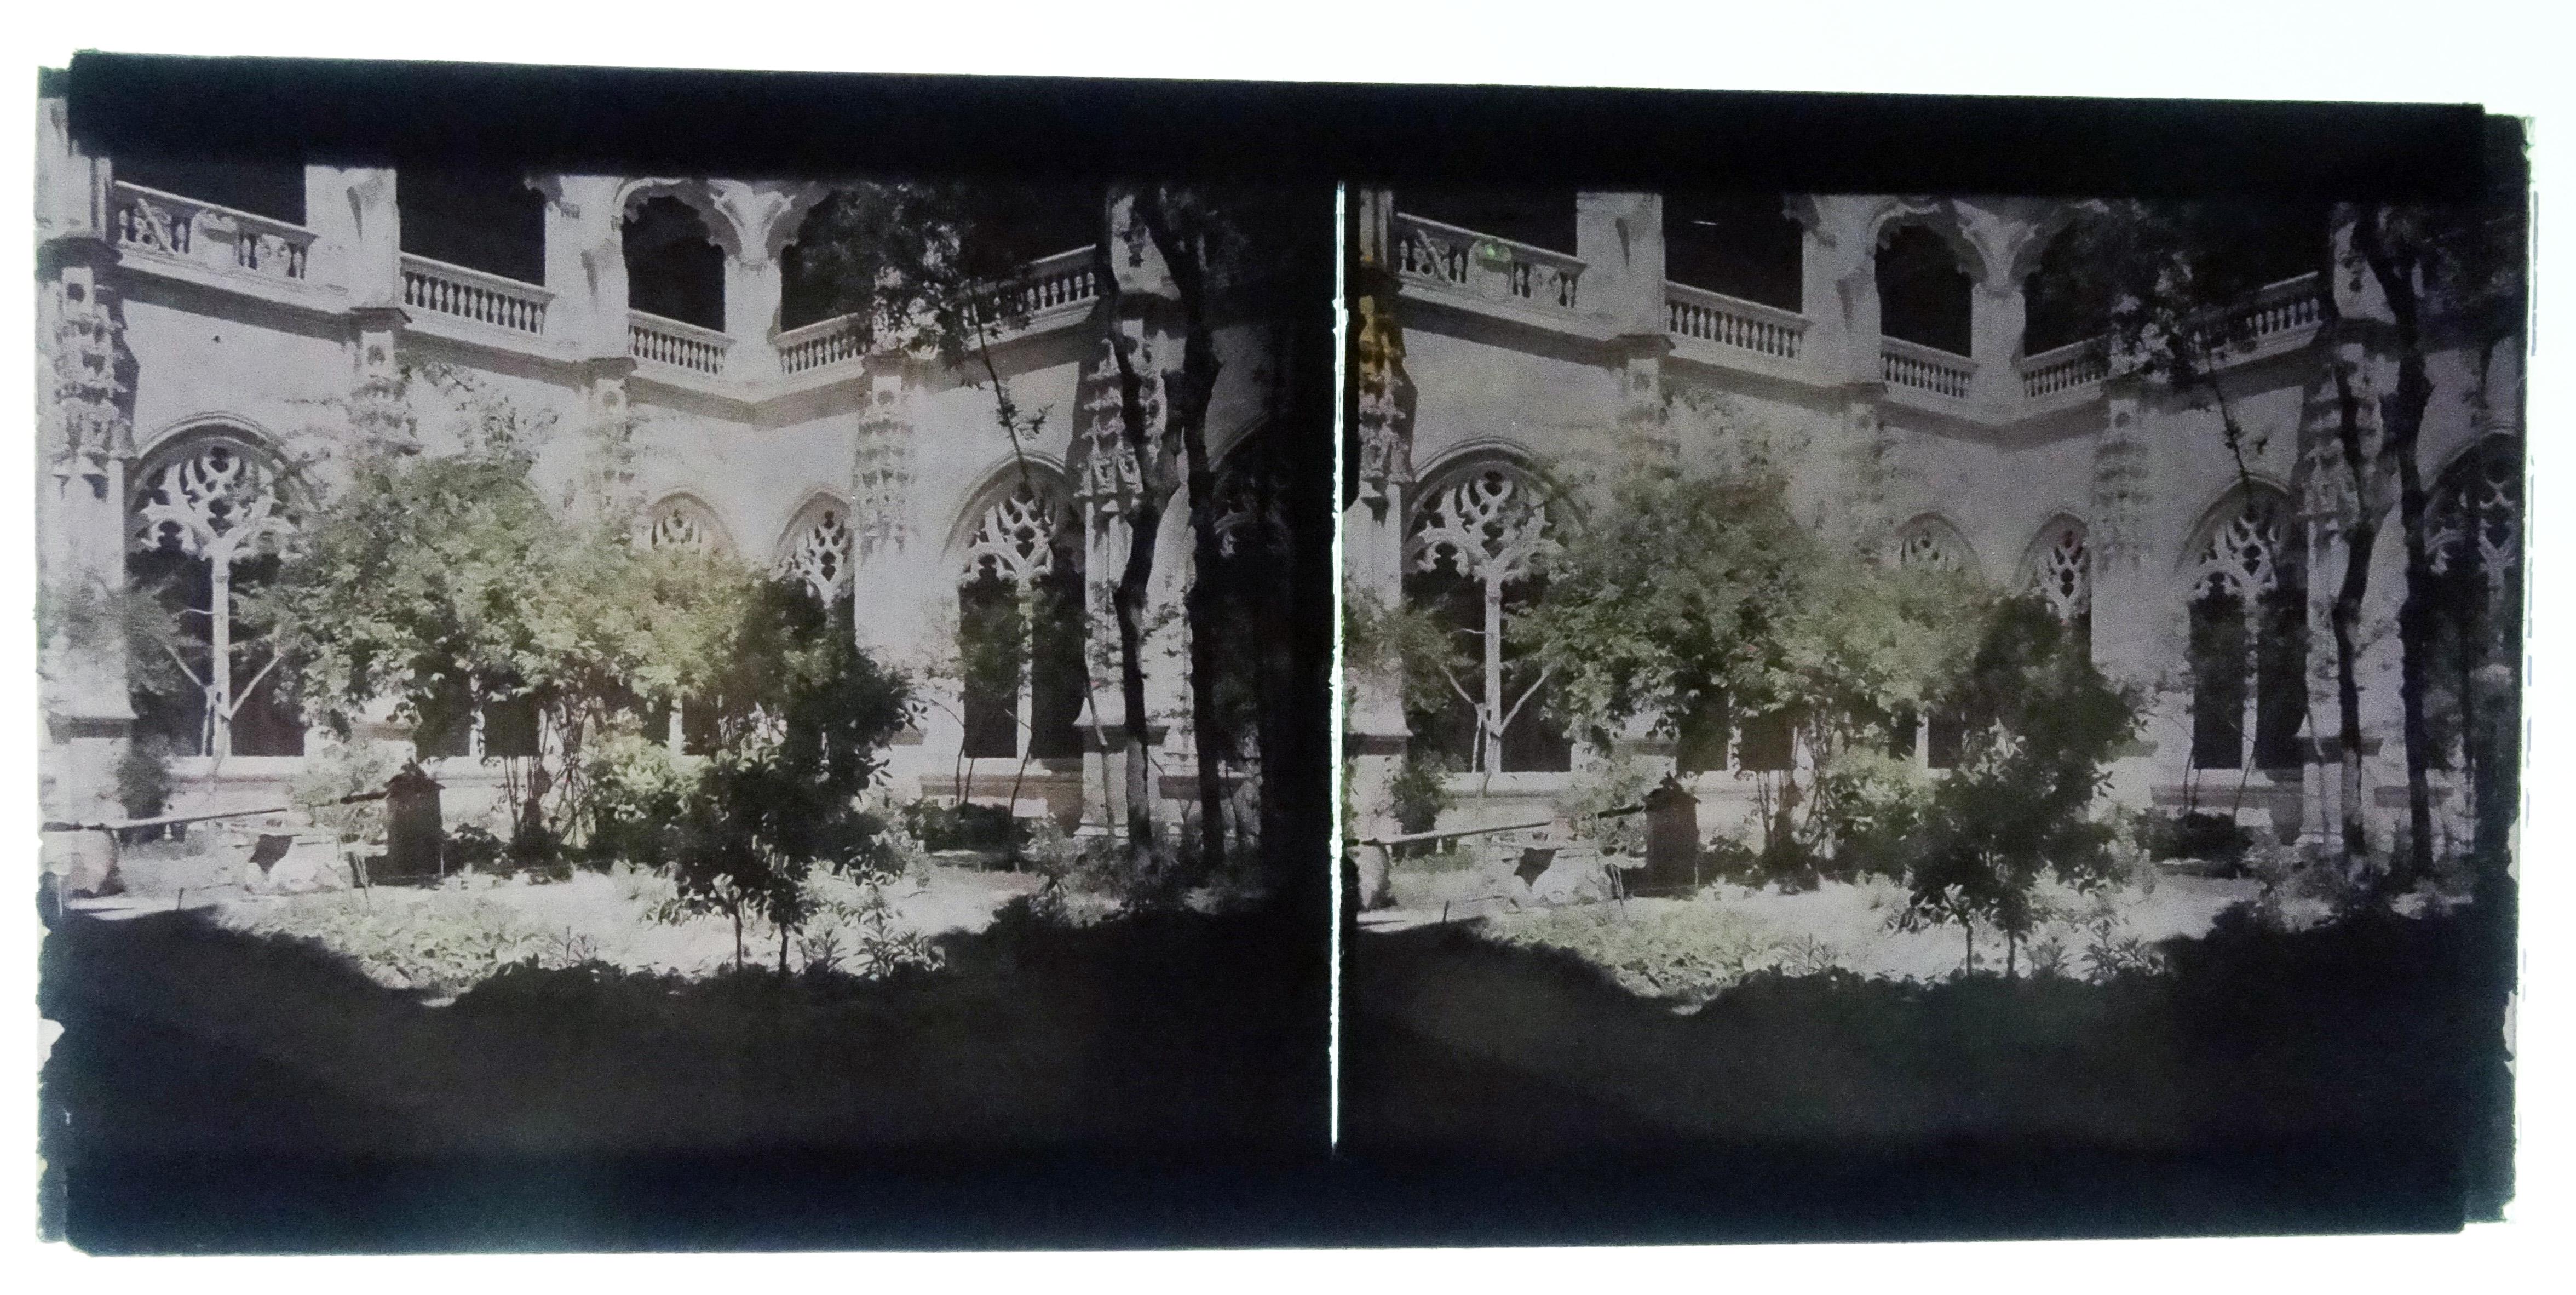 Autocromo del Claustro de San Juan de los Reyes. Fotografía de Francisco Rodríguez Avial hacia 1910 © Herederos de Francisco Rodríguez Avial